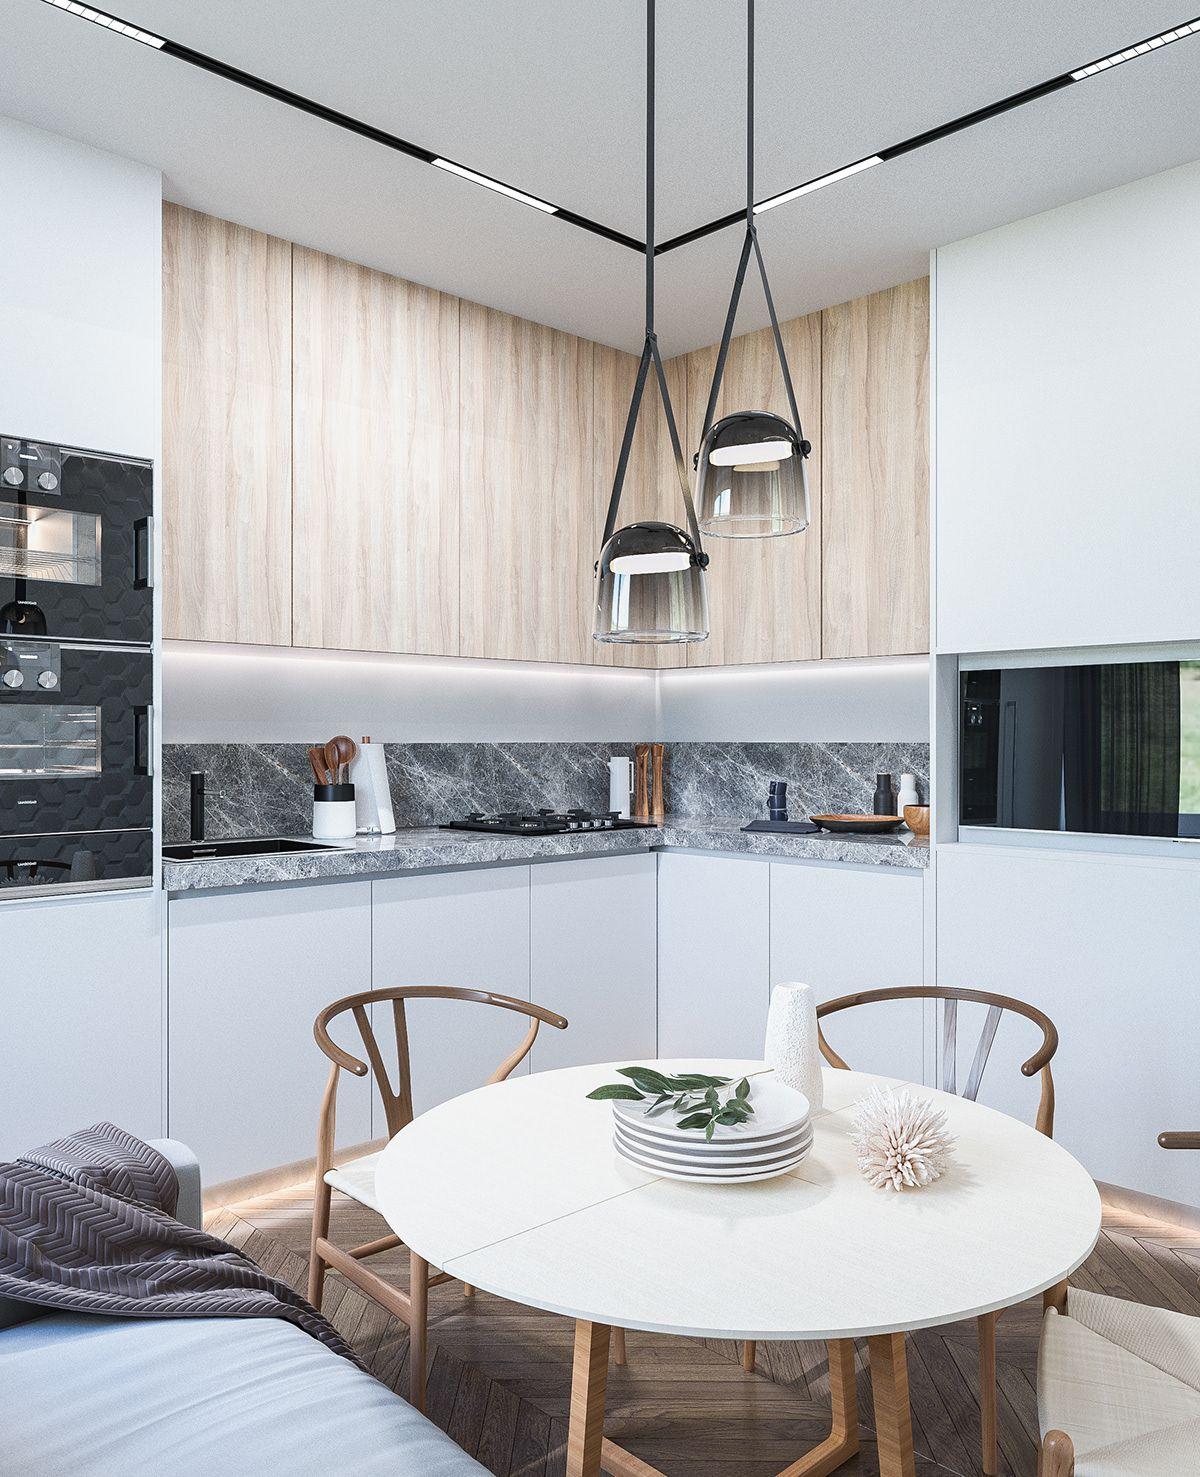 Galaxy Apartment Kiev 63 Sq M 2018 On Behance S Izobrazheniyami